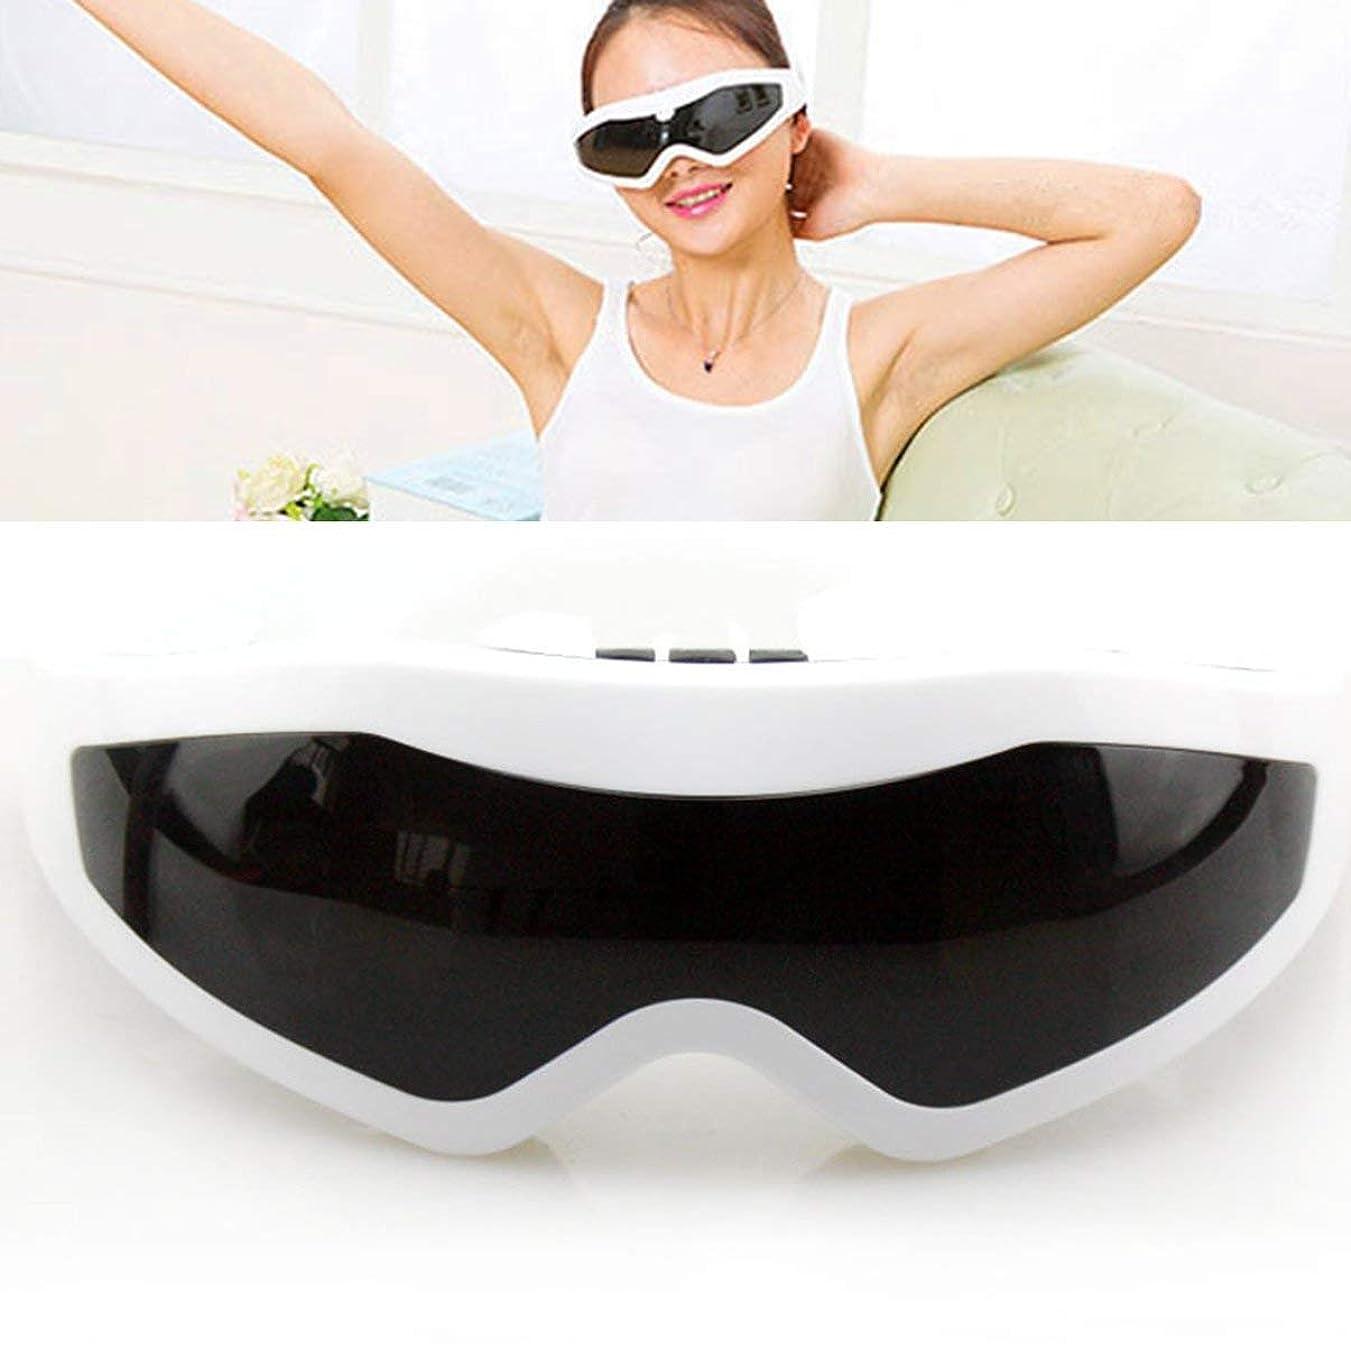 ミシン目描く子犬Comfortable Electric Eye Massager Men Women Eye Brain Relax Magnetic Eye Health Care Massager Instrument Best Gift